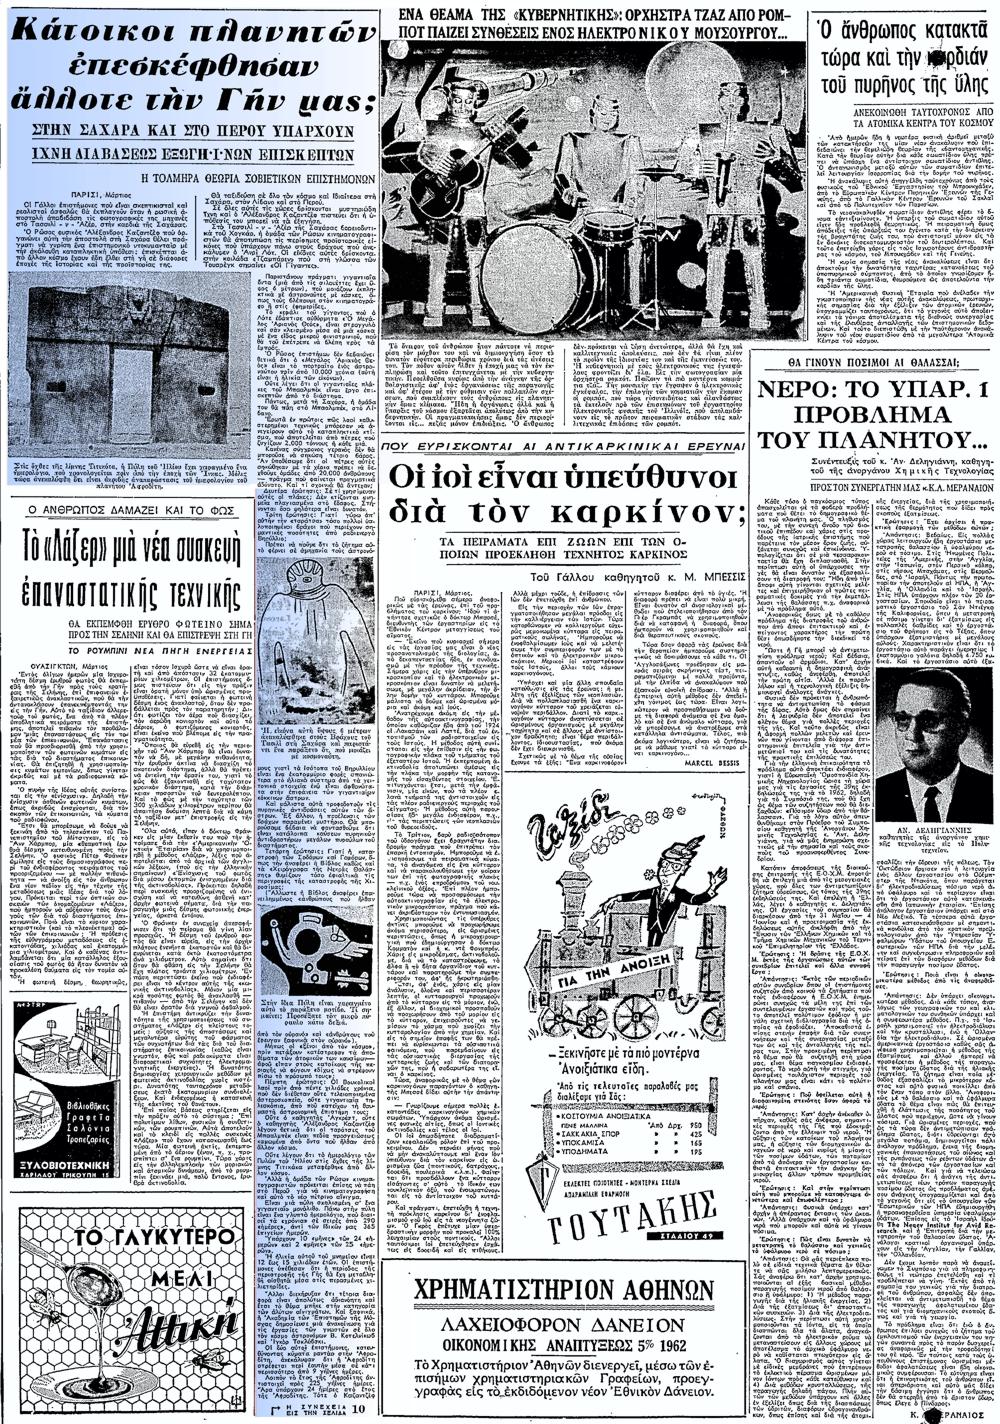 """Το άρθρο, όπως δημοσιεύθηκε στην εφημερίδα """"ΕΛΕΥΘΕΡΙΑ"""", στις 01/04/1962"""